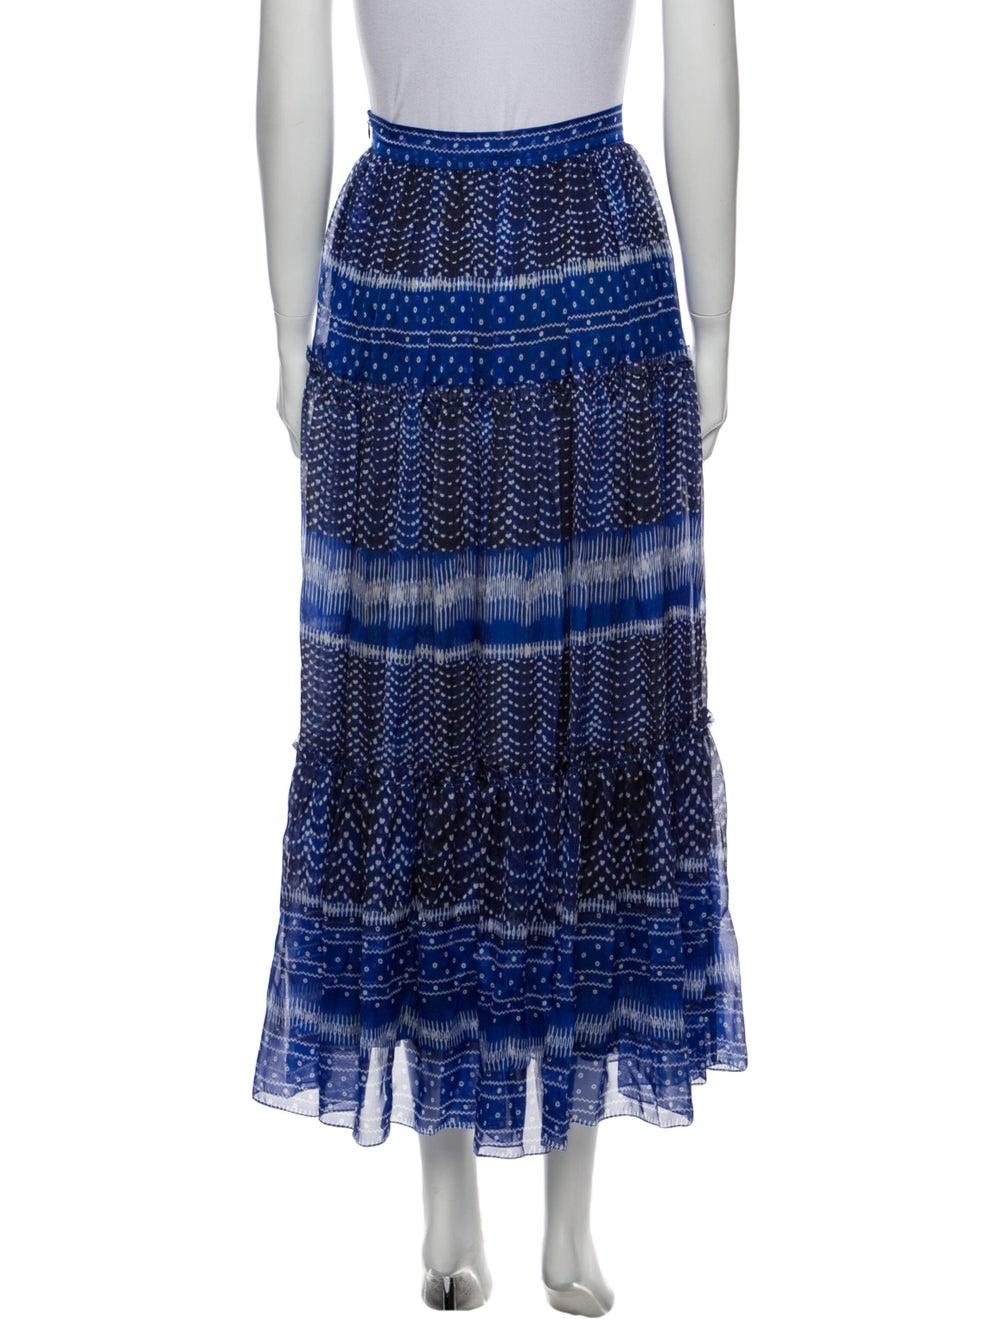 Plein Sud Printed Midi Length Skirt Blue - image 3